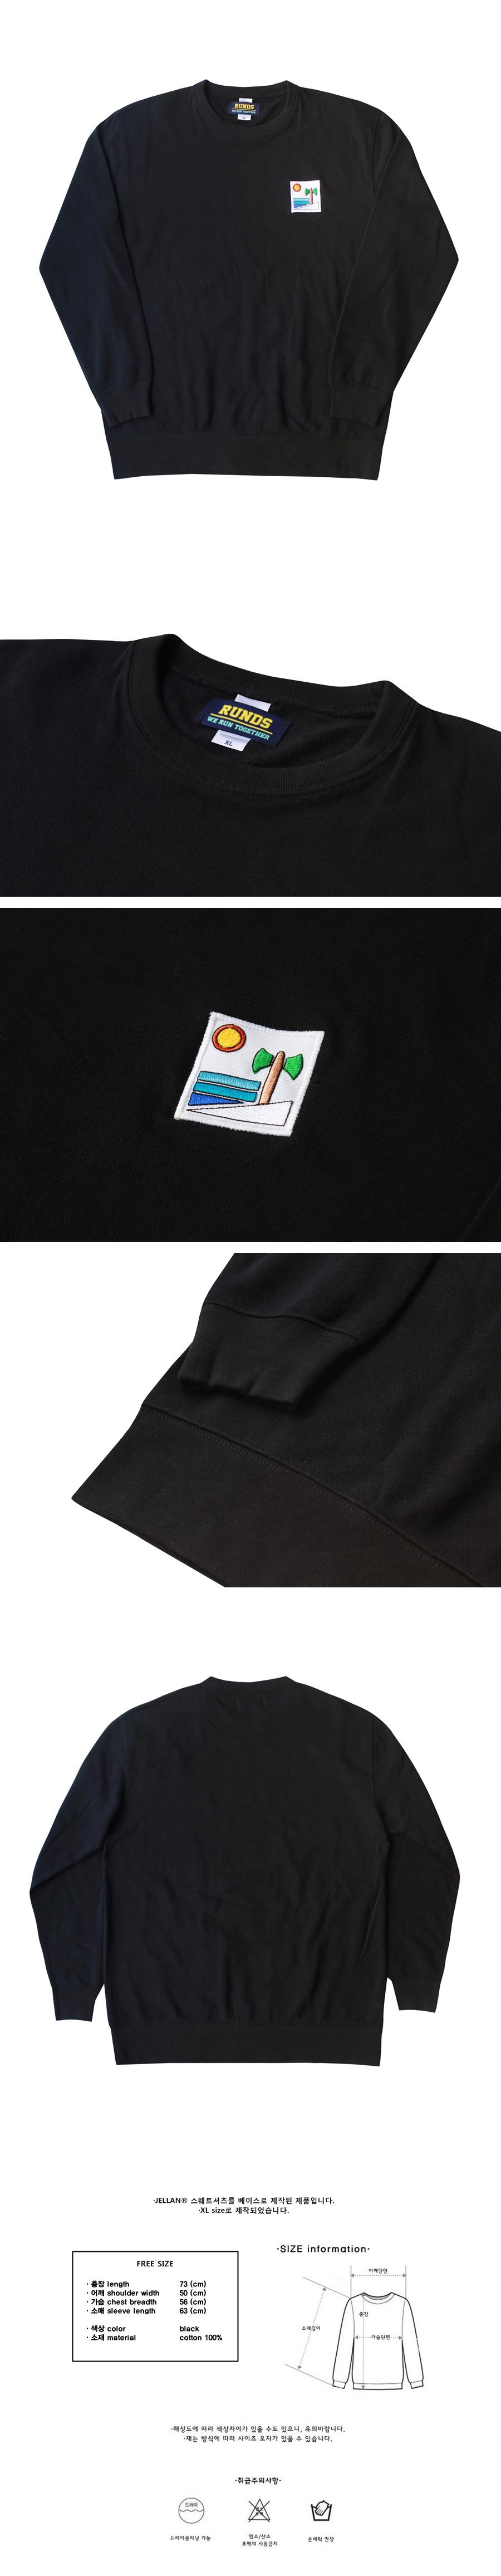 런디에스(RUNDS) 백사장 스웨트셔츠 (블랙)